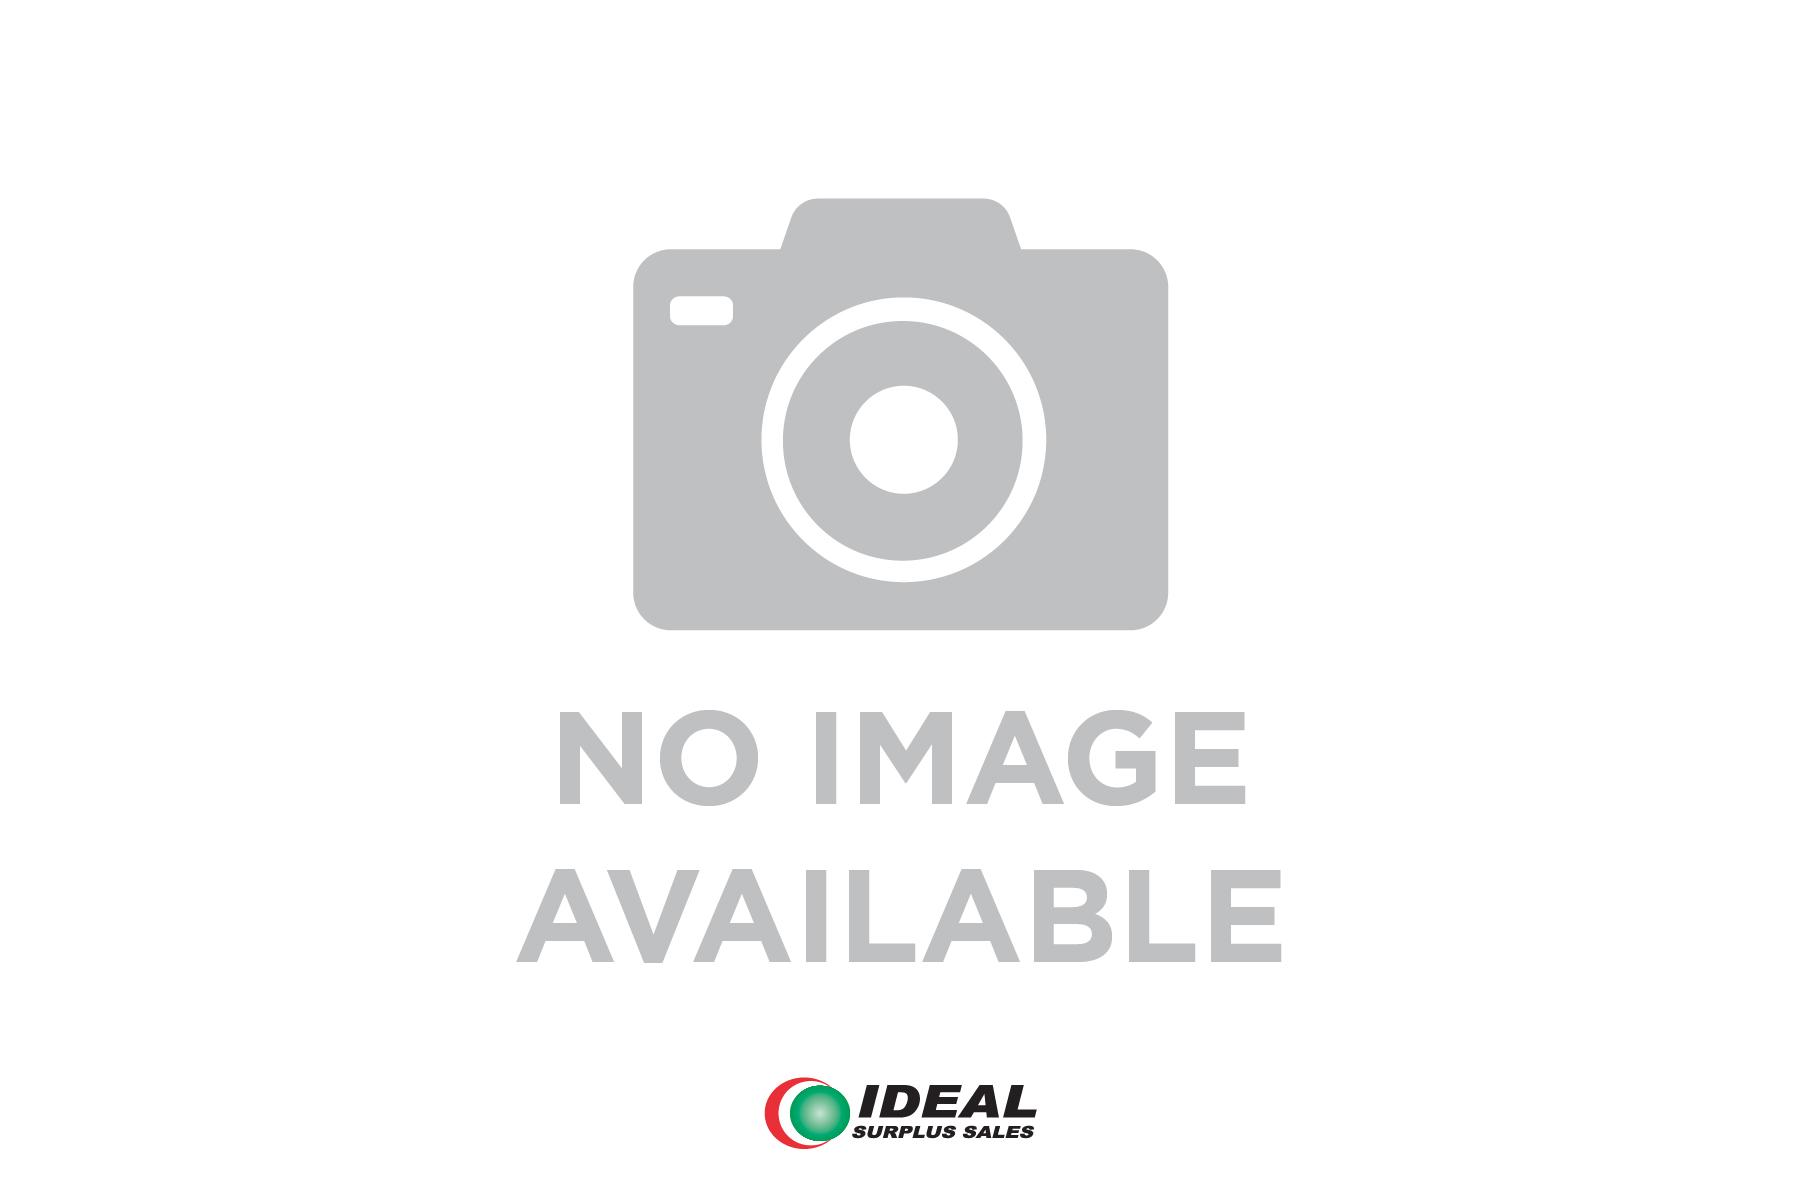 CONTINENTAL STD 880 S8M CXP BELT NEW